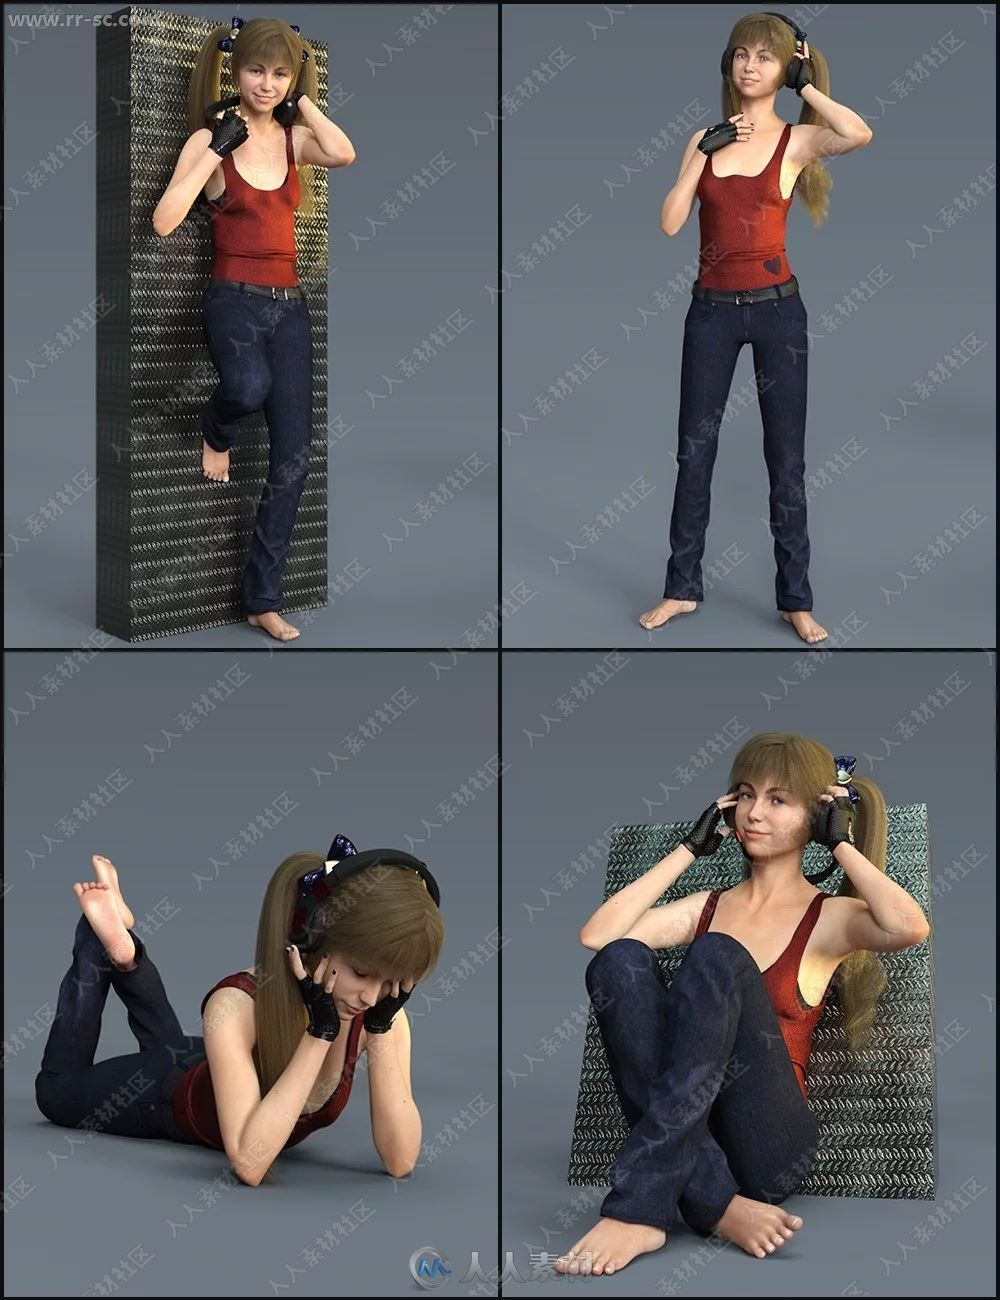 阿米娅多组妆容造型及不同款式耳机3D模型